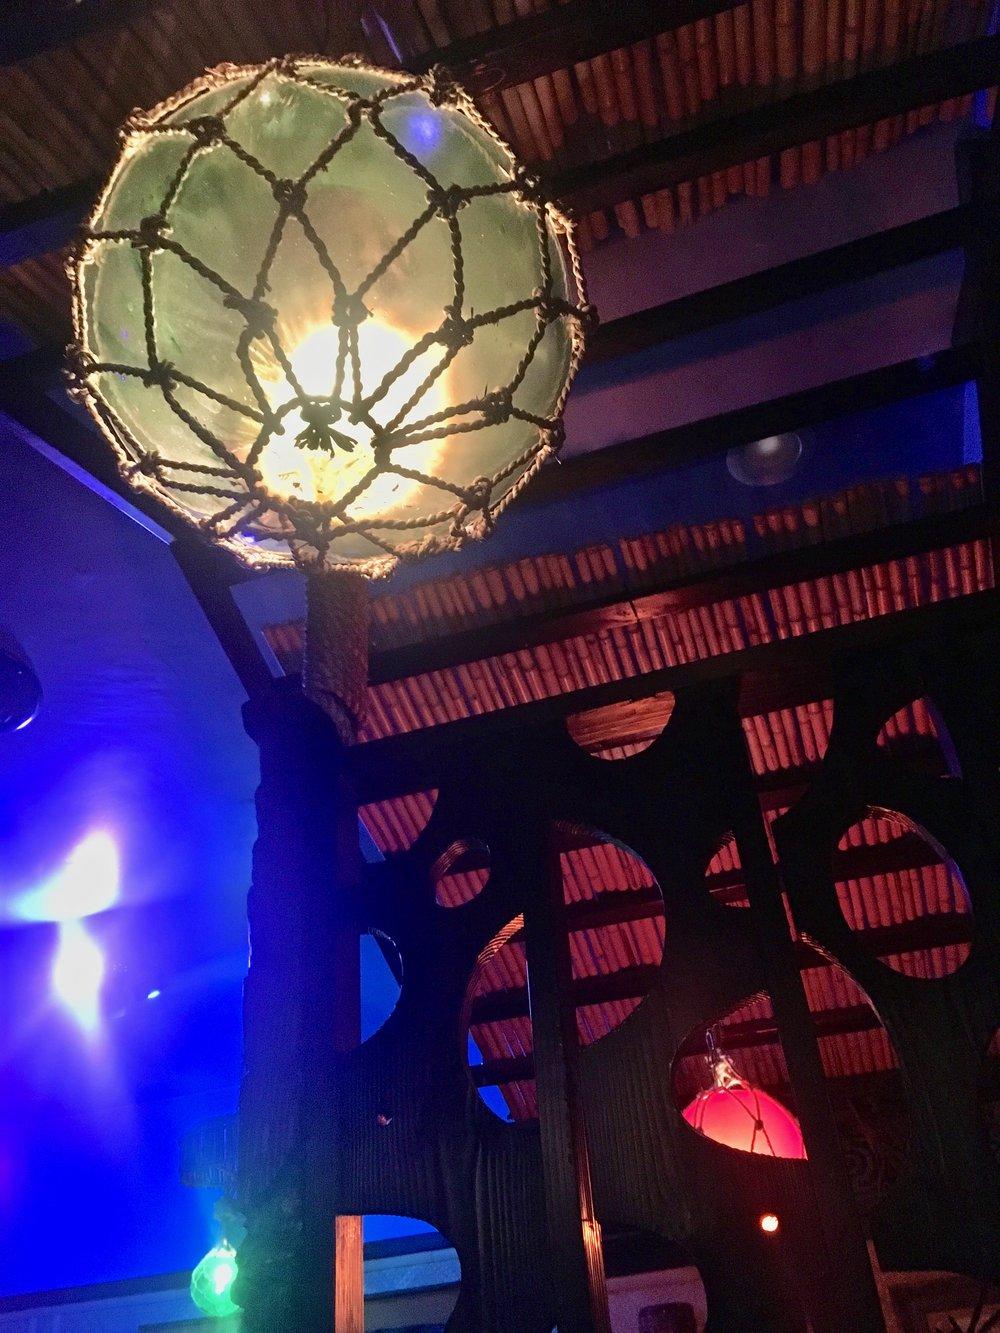 tiki-ko-bakersfield-lights.jpg